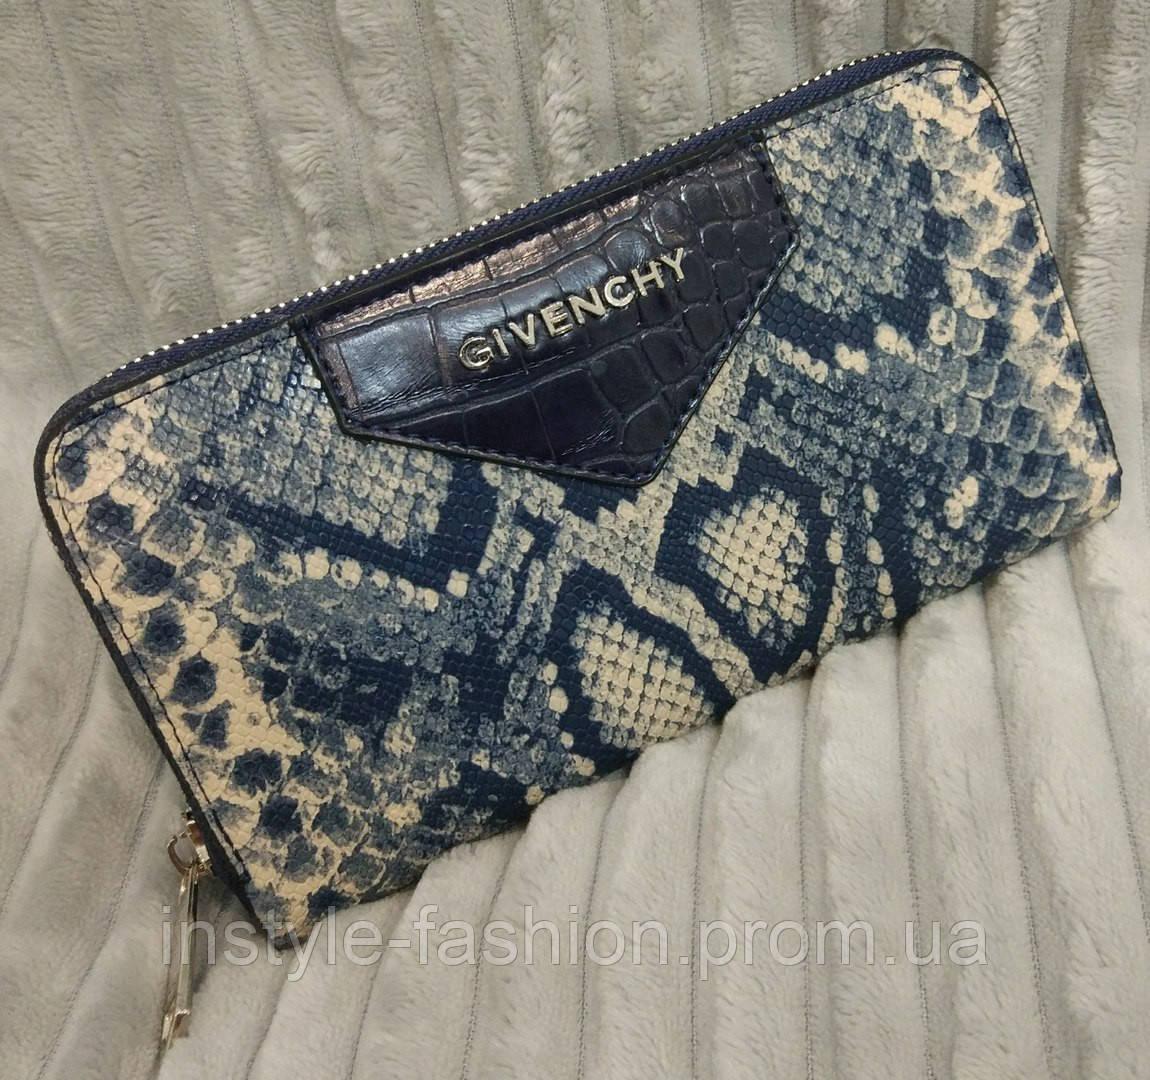 Кошелек Givenchy Живанши под рептилию синий